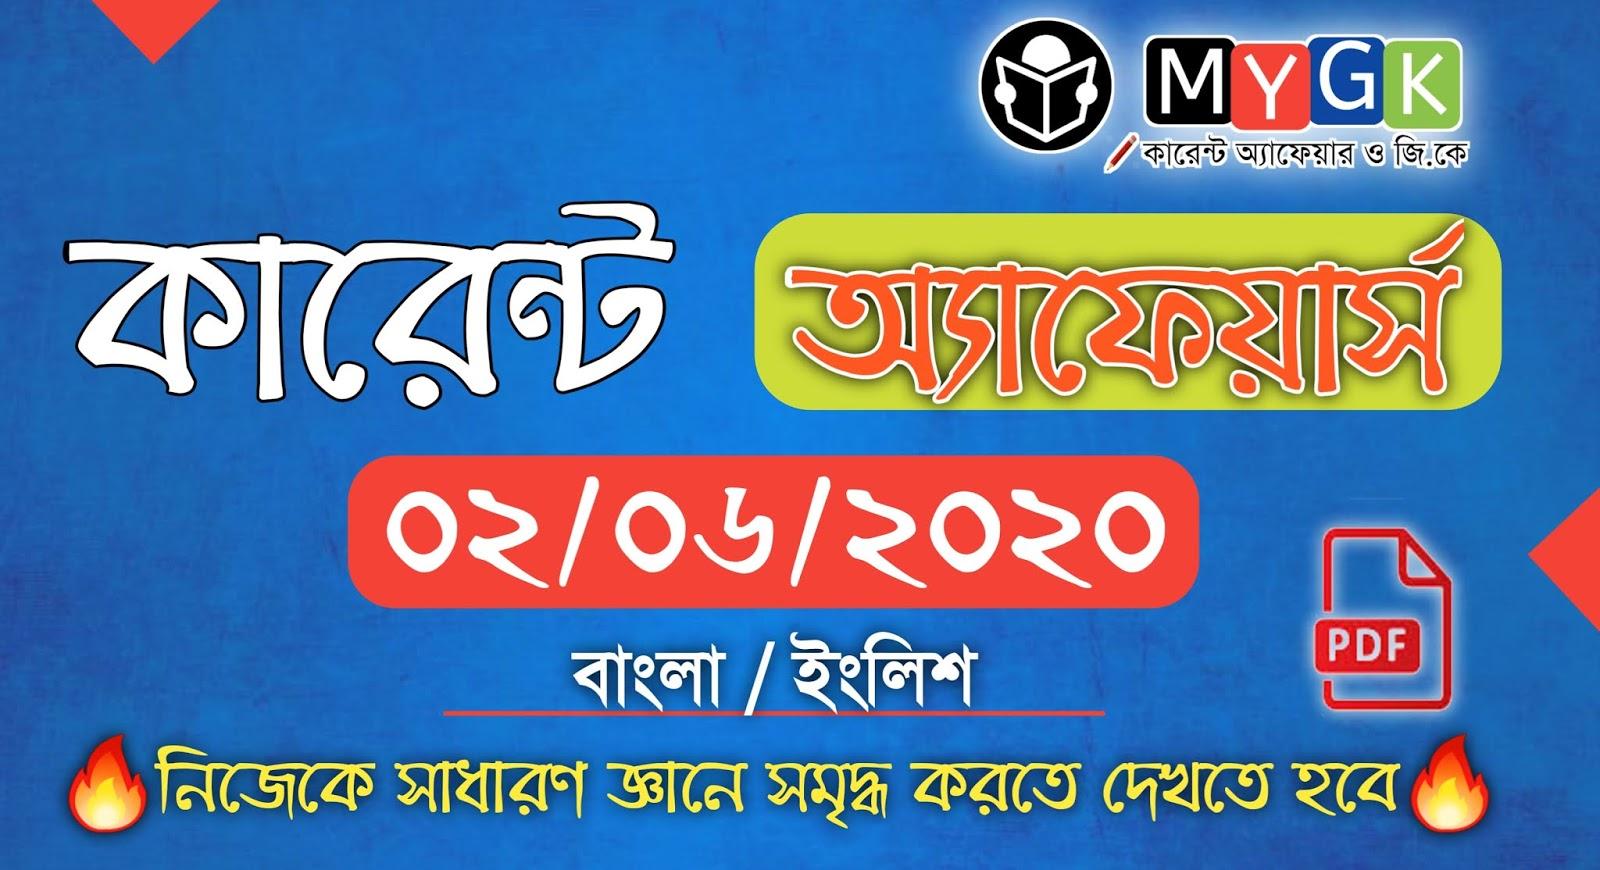 কারেন্ট অ্যাফেয়ার্স - ০৩ জুন ২০২০॥ Current Affairs in Bengali Pdf - 03 june 2020